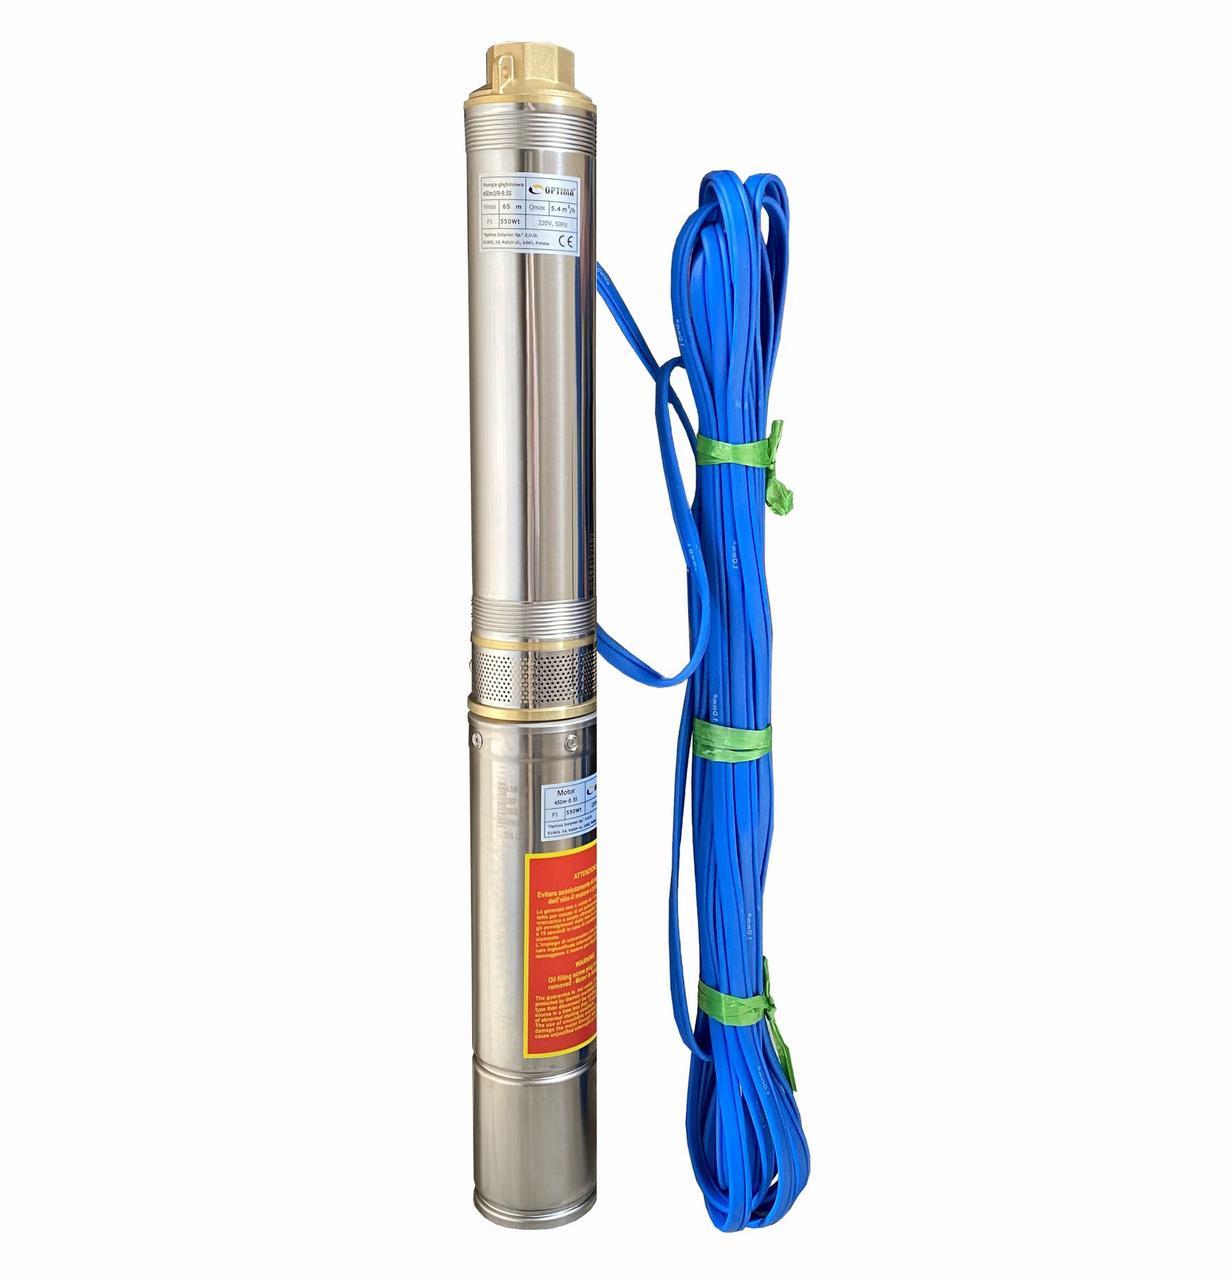 Насос скважинный центробежный Optima 4SDm3/ 9 0,55 кВт 65 м + пульт